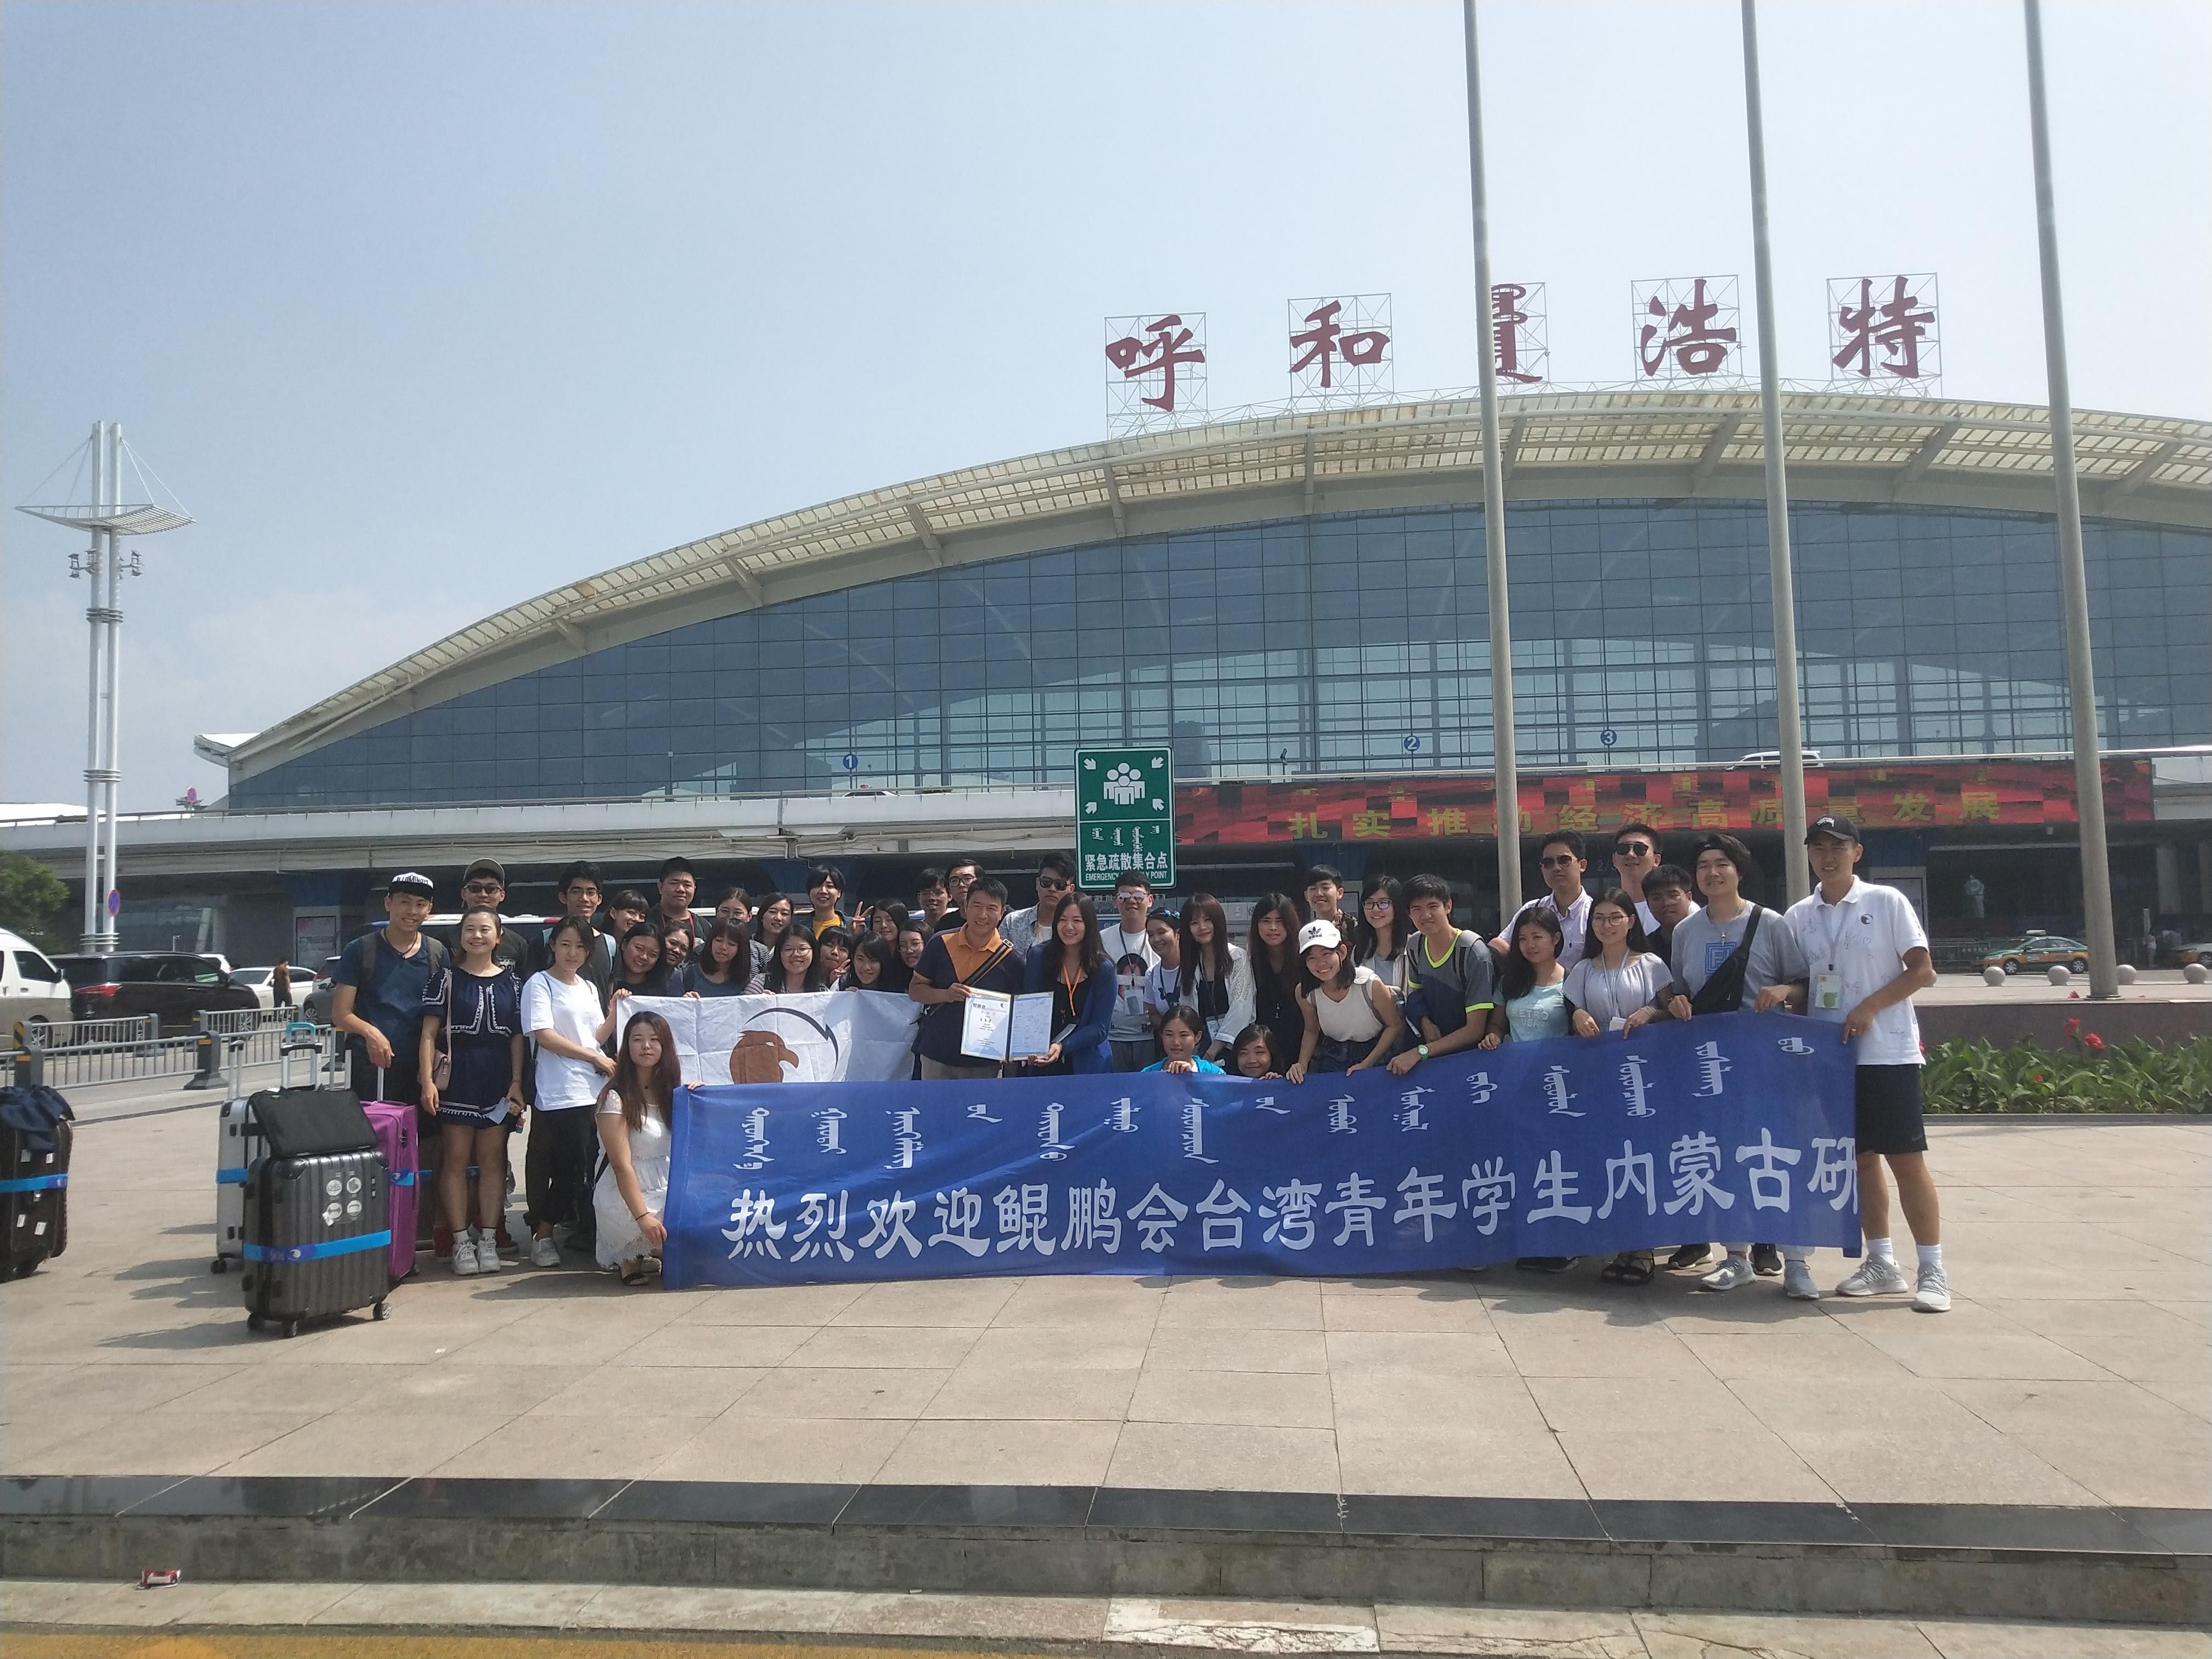 內蒙古Day8 :珍重再見、機場送別